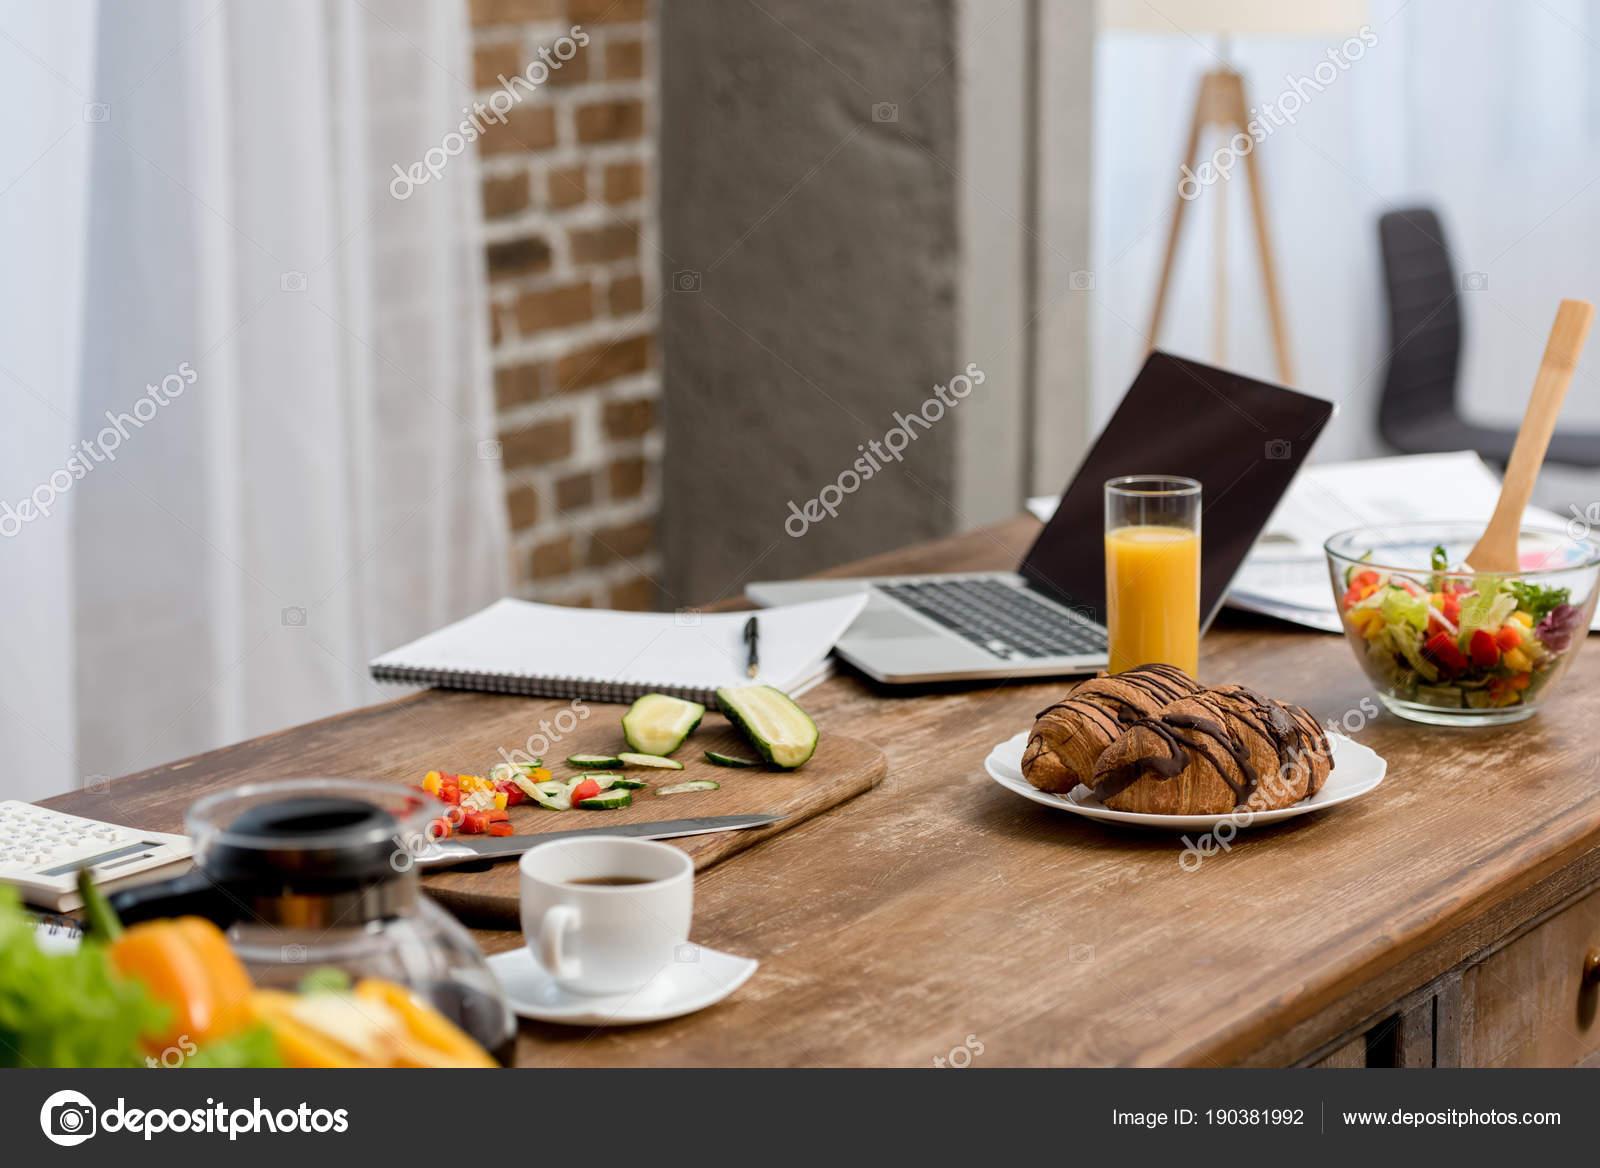 Freier Mitarbeiter Arbeitsplatz Küche Mit Essen Auf Den Tisch Und ...